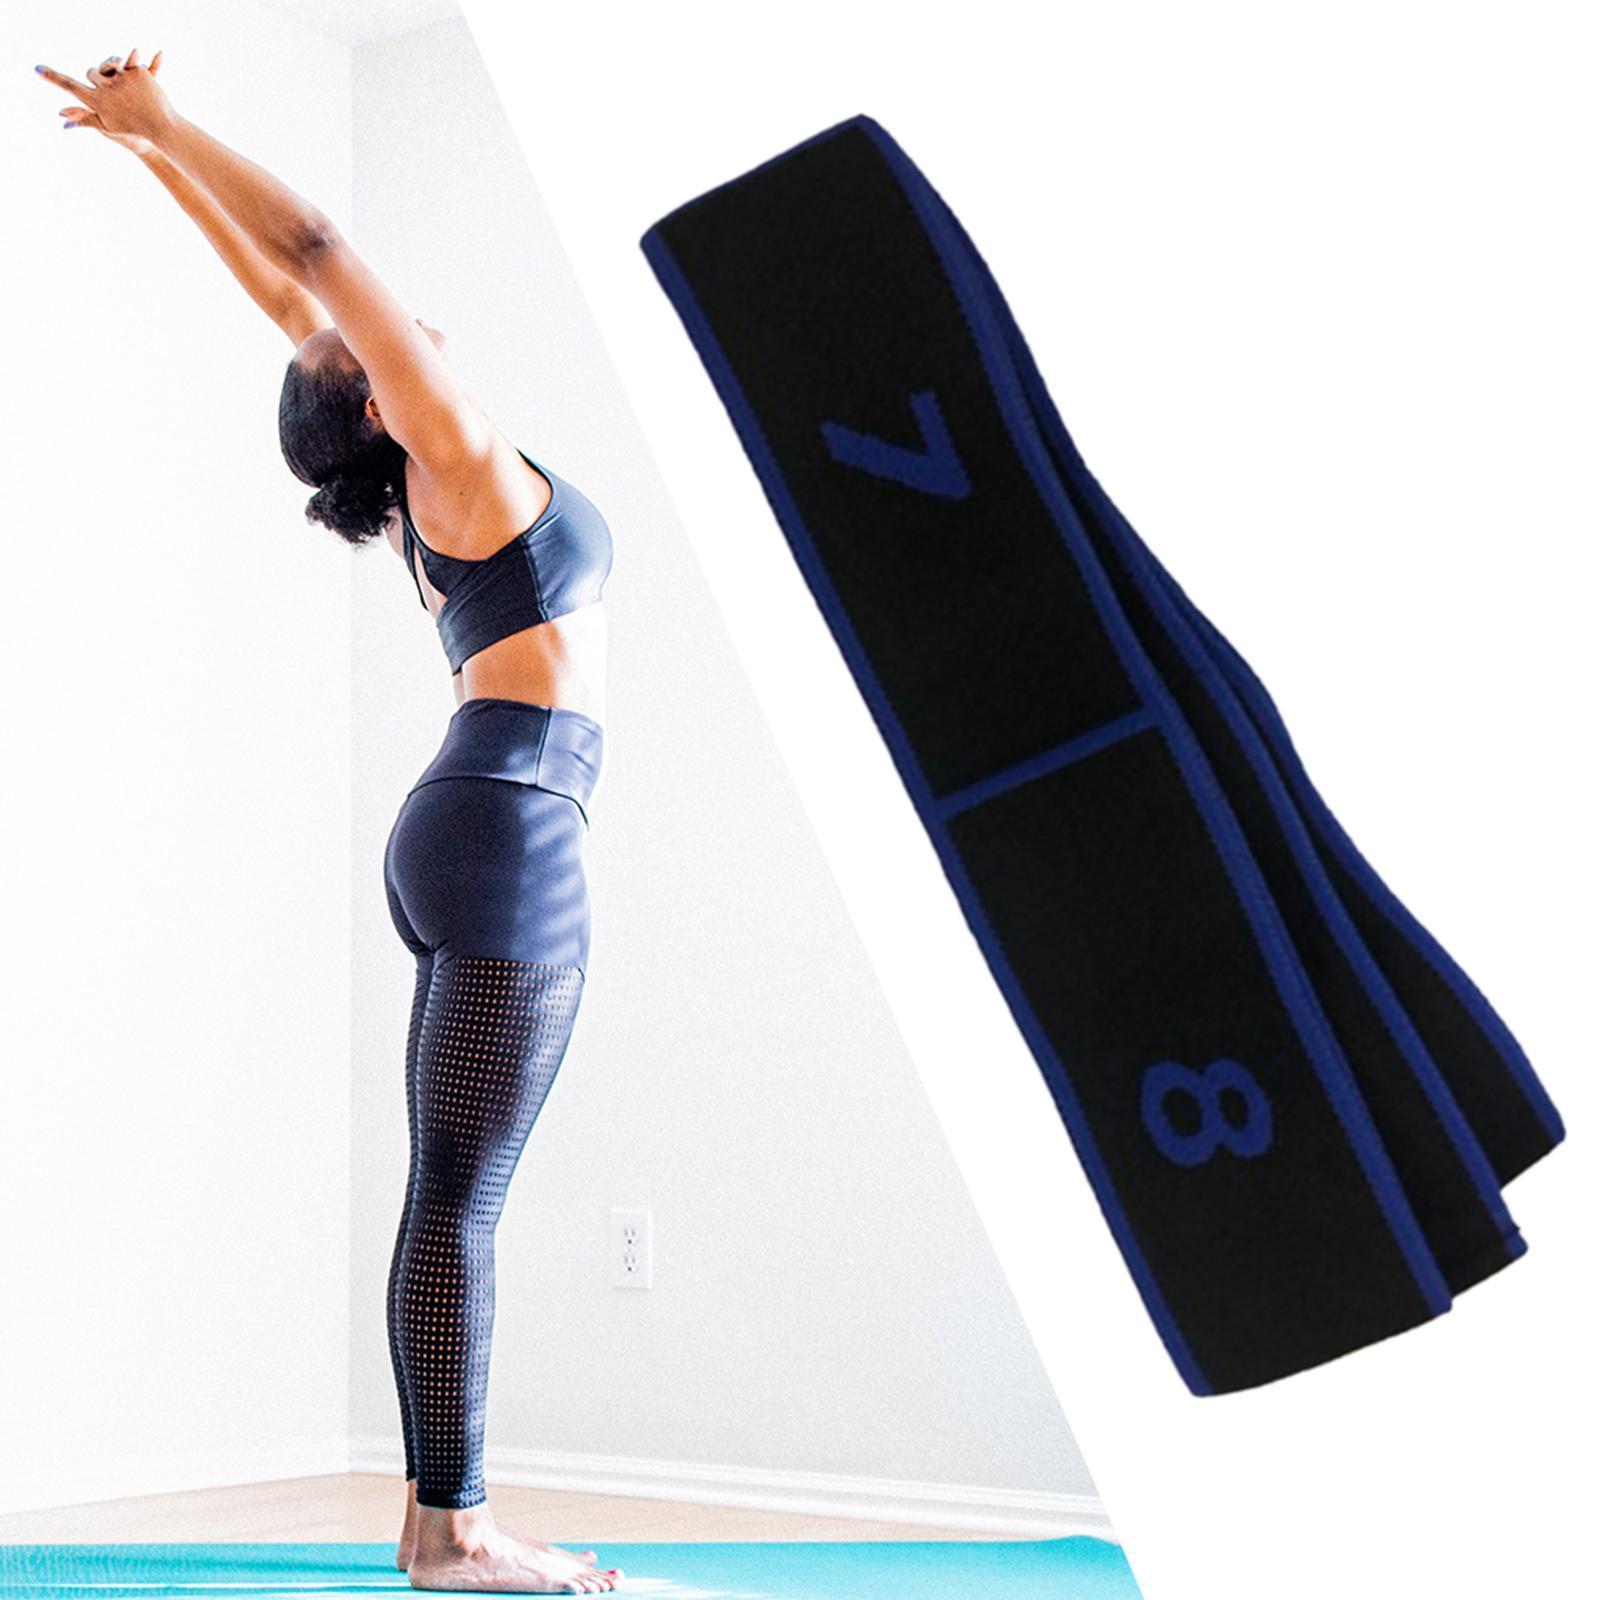 miniatura 4 - Premium yoga Strap 90cm elástico stretchband Dance prorrogado